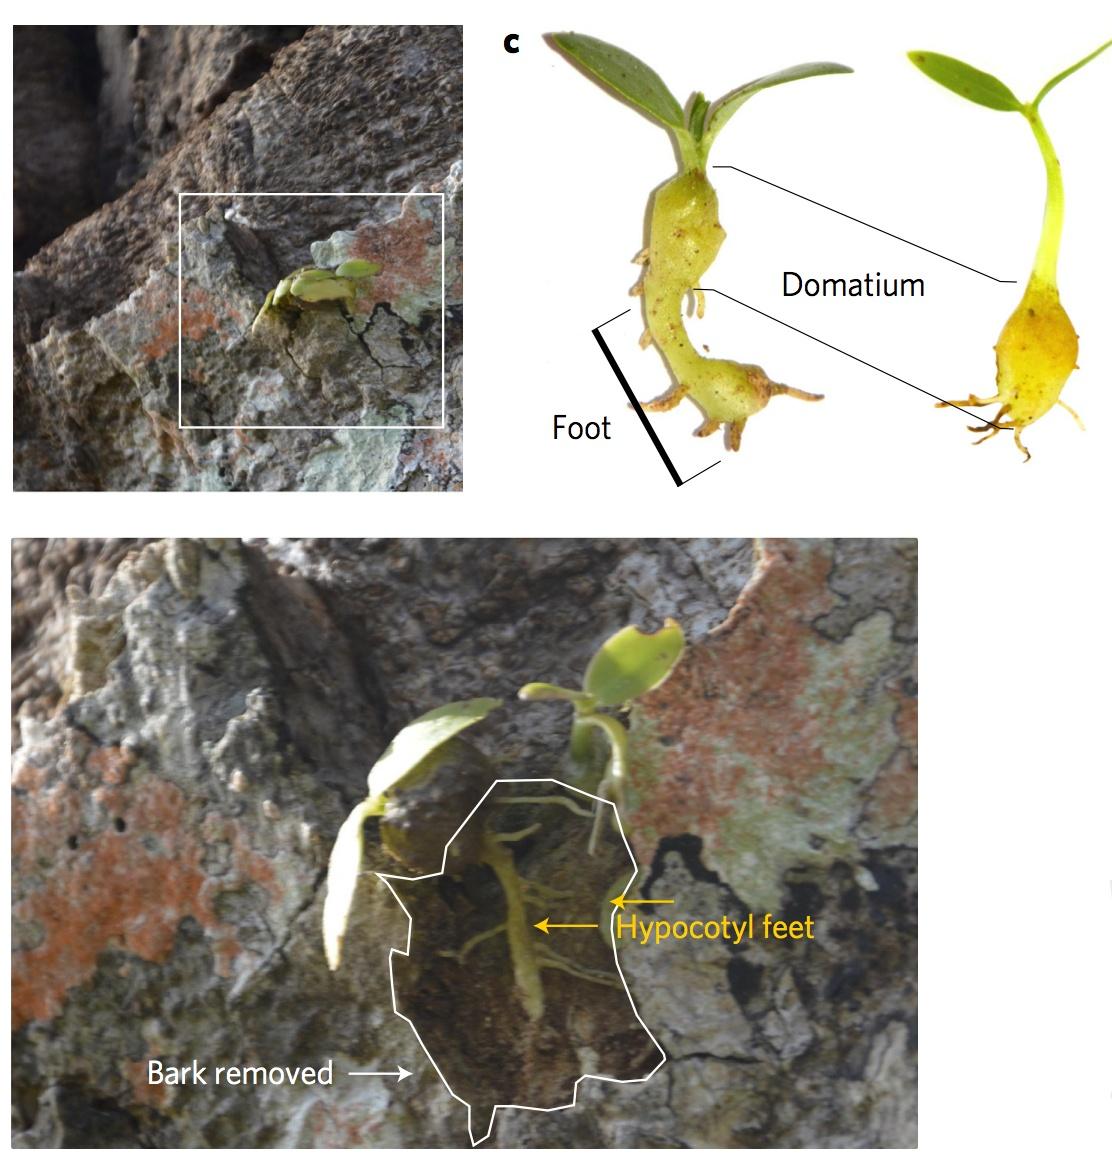 Муравьи на Фиджи примерно 3 млн лет назад научились выращивать фрукты - 3